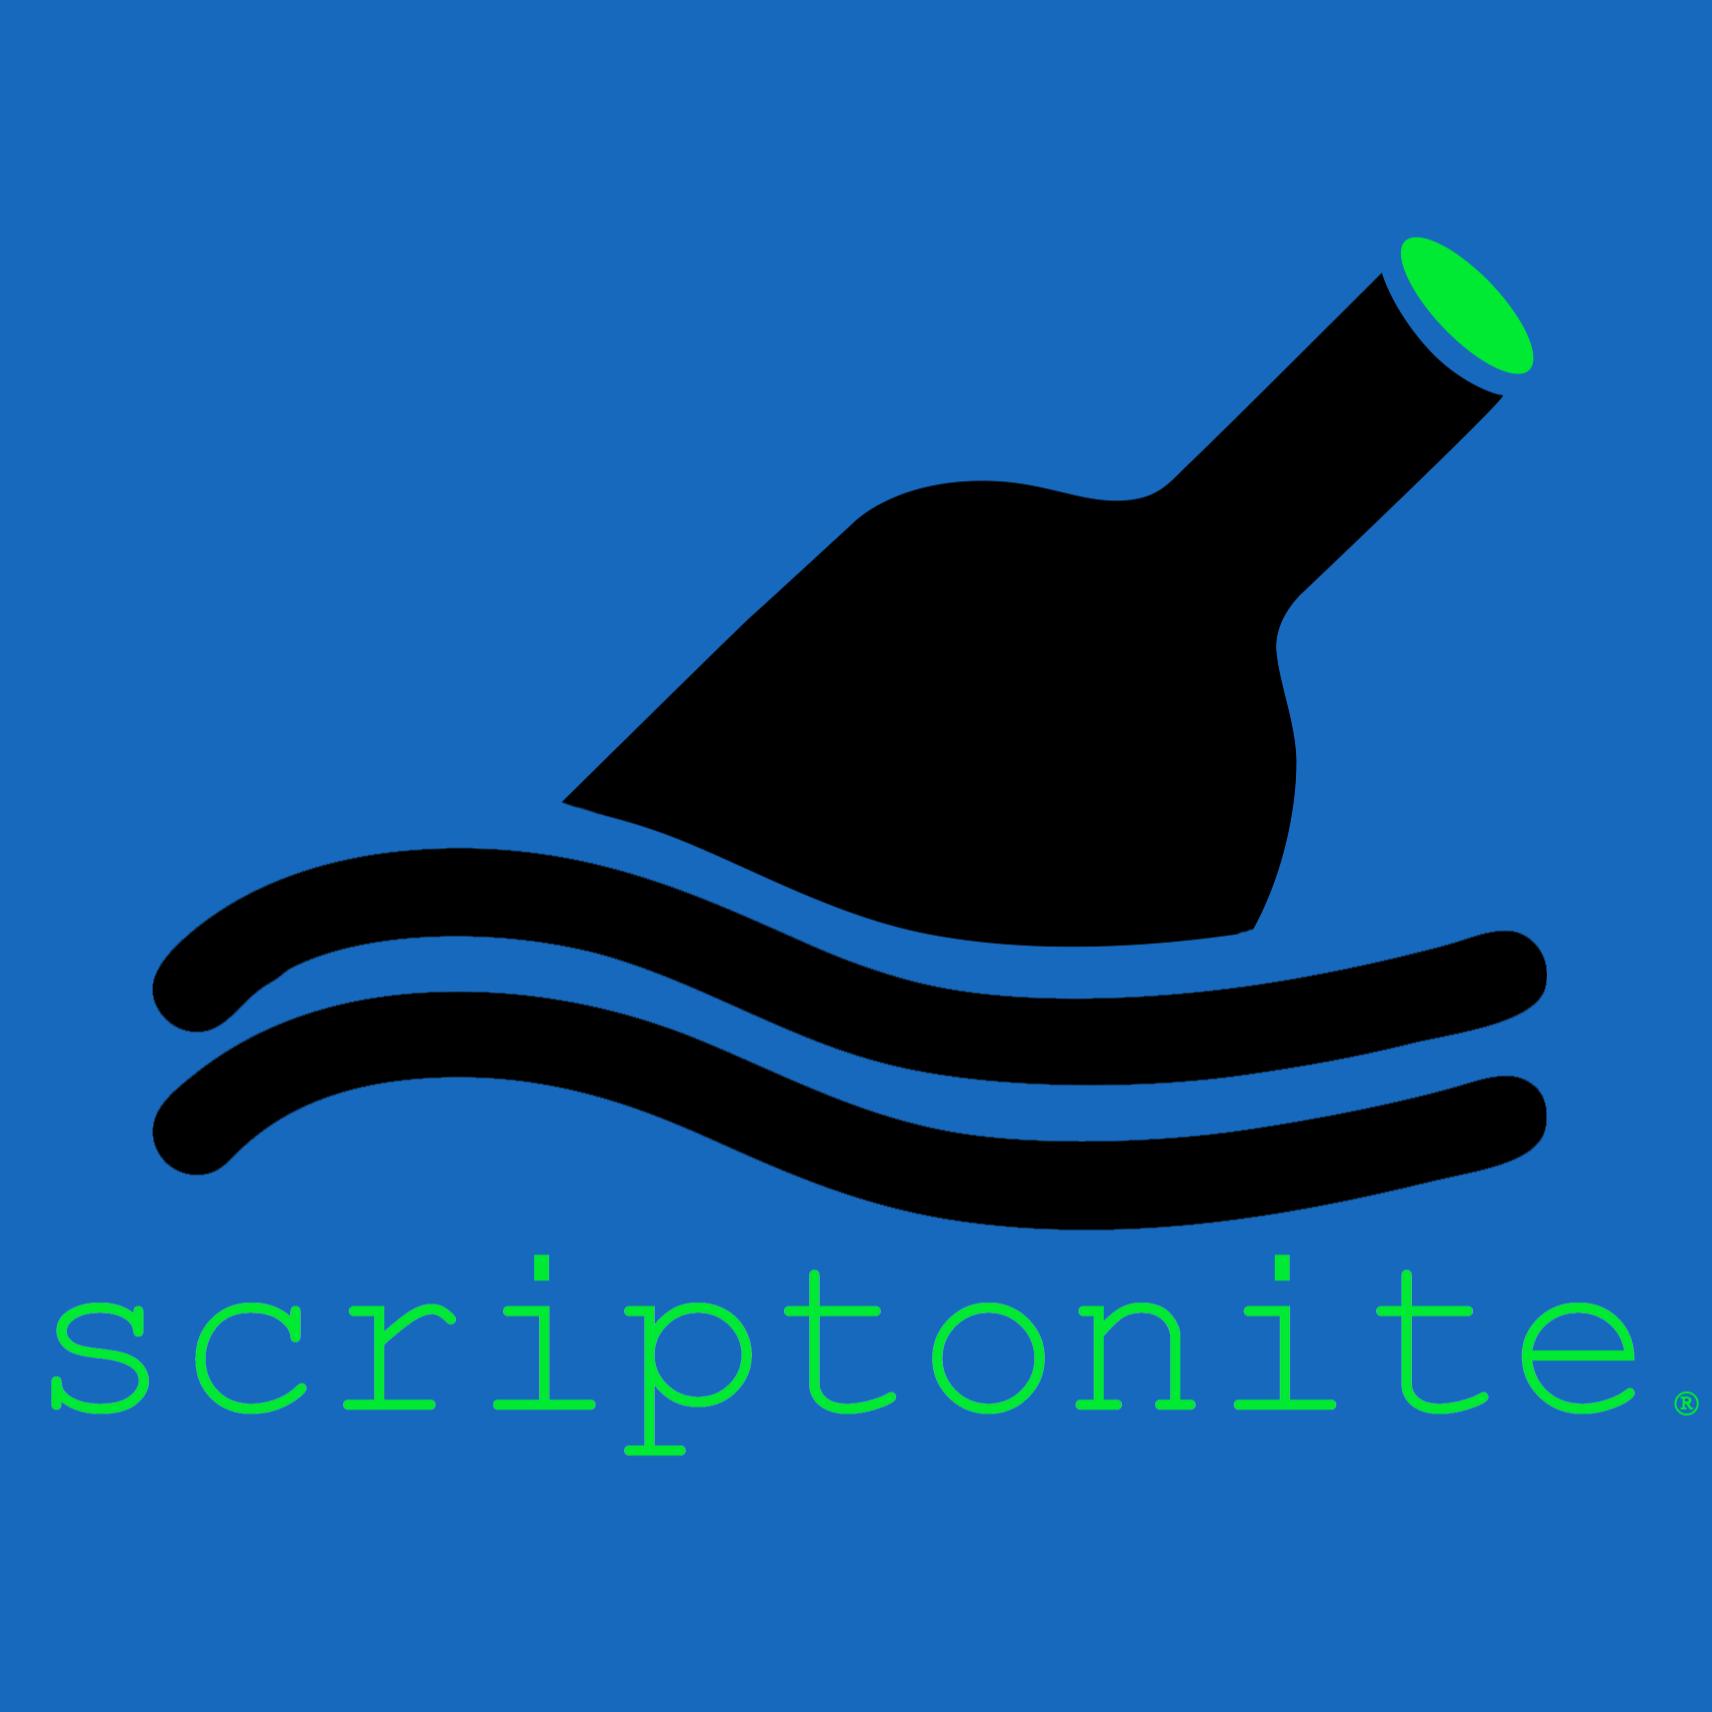 Scriptonite makers